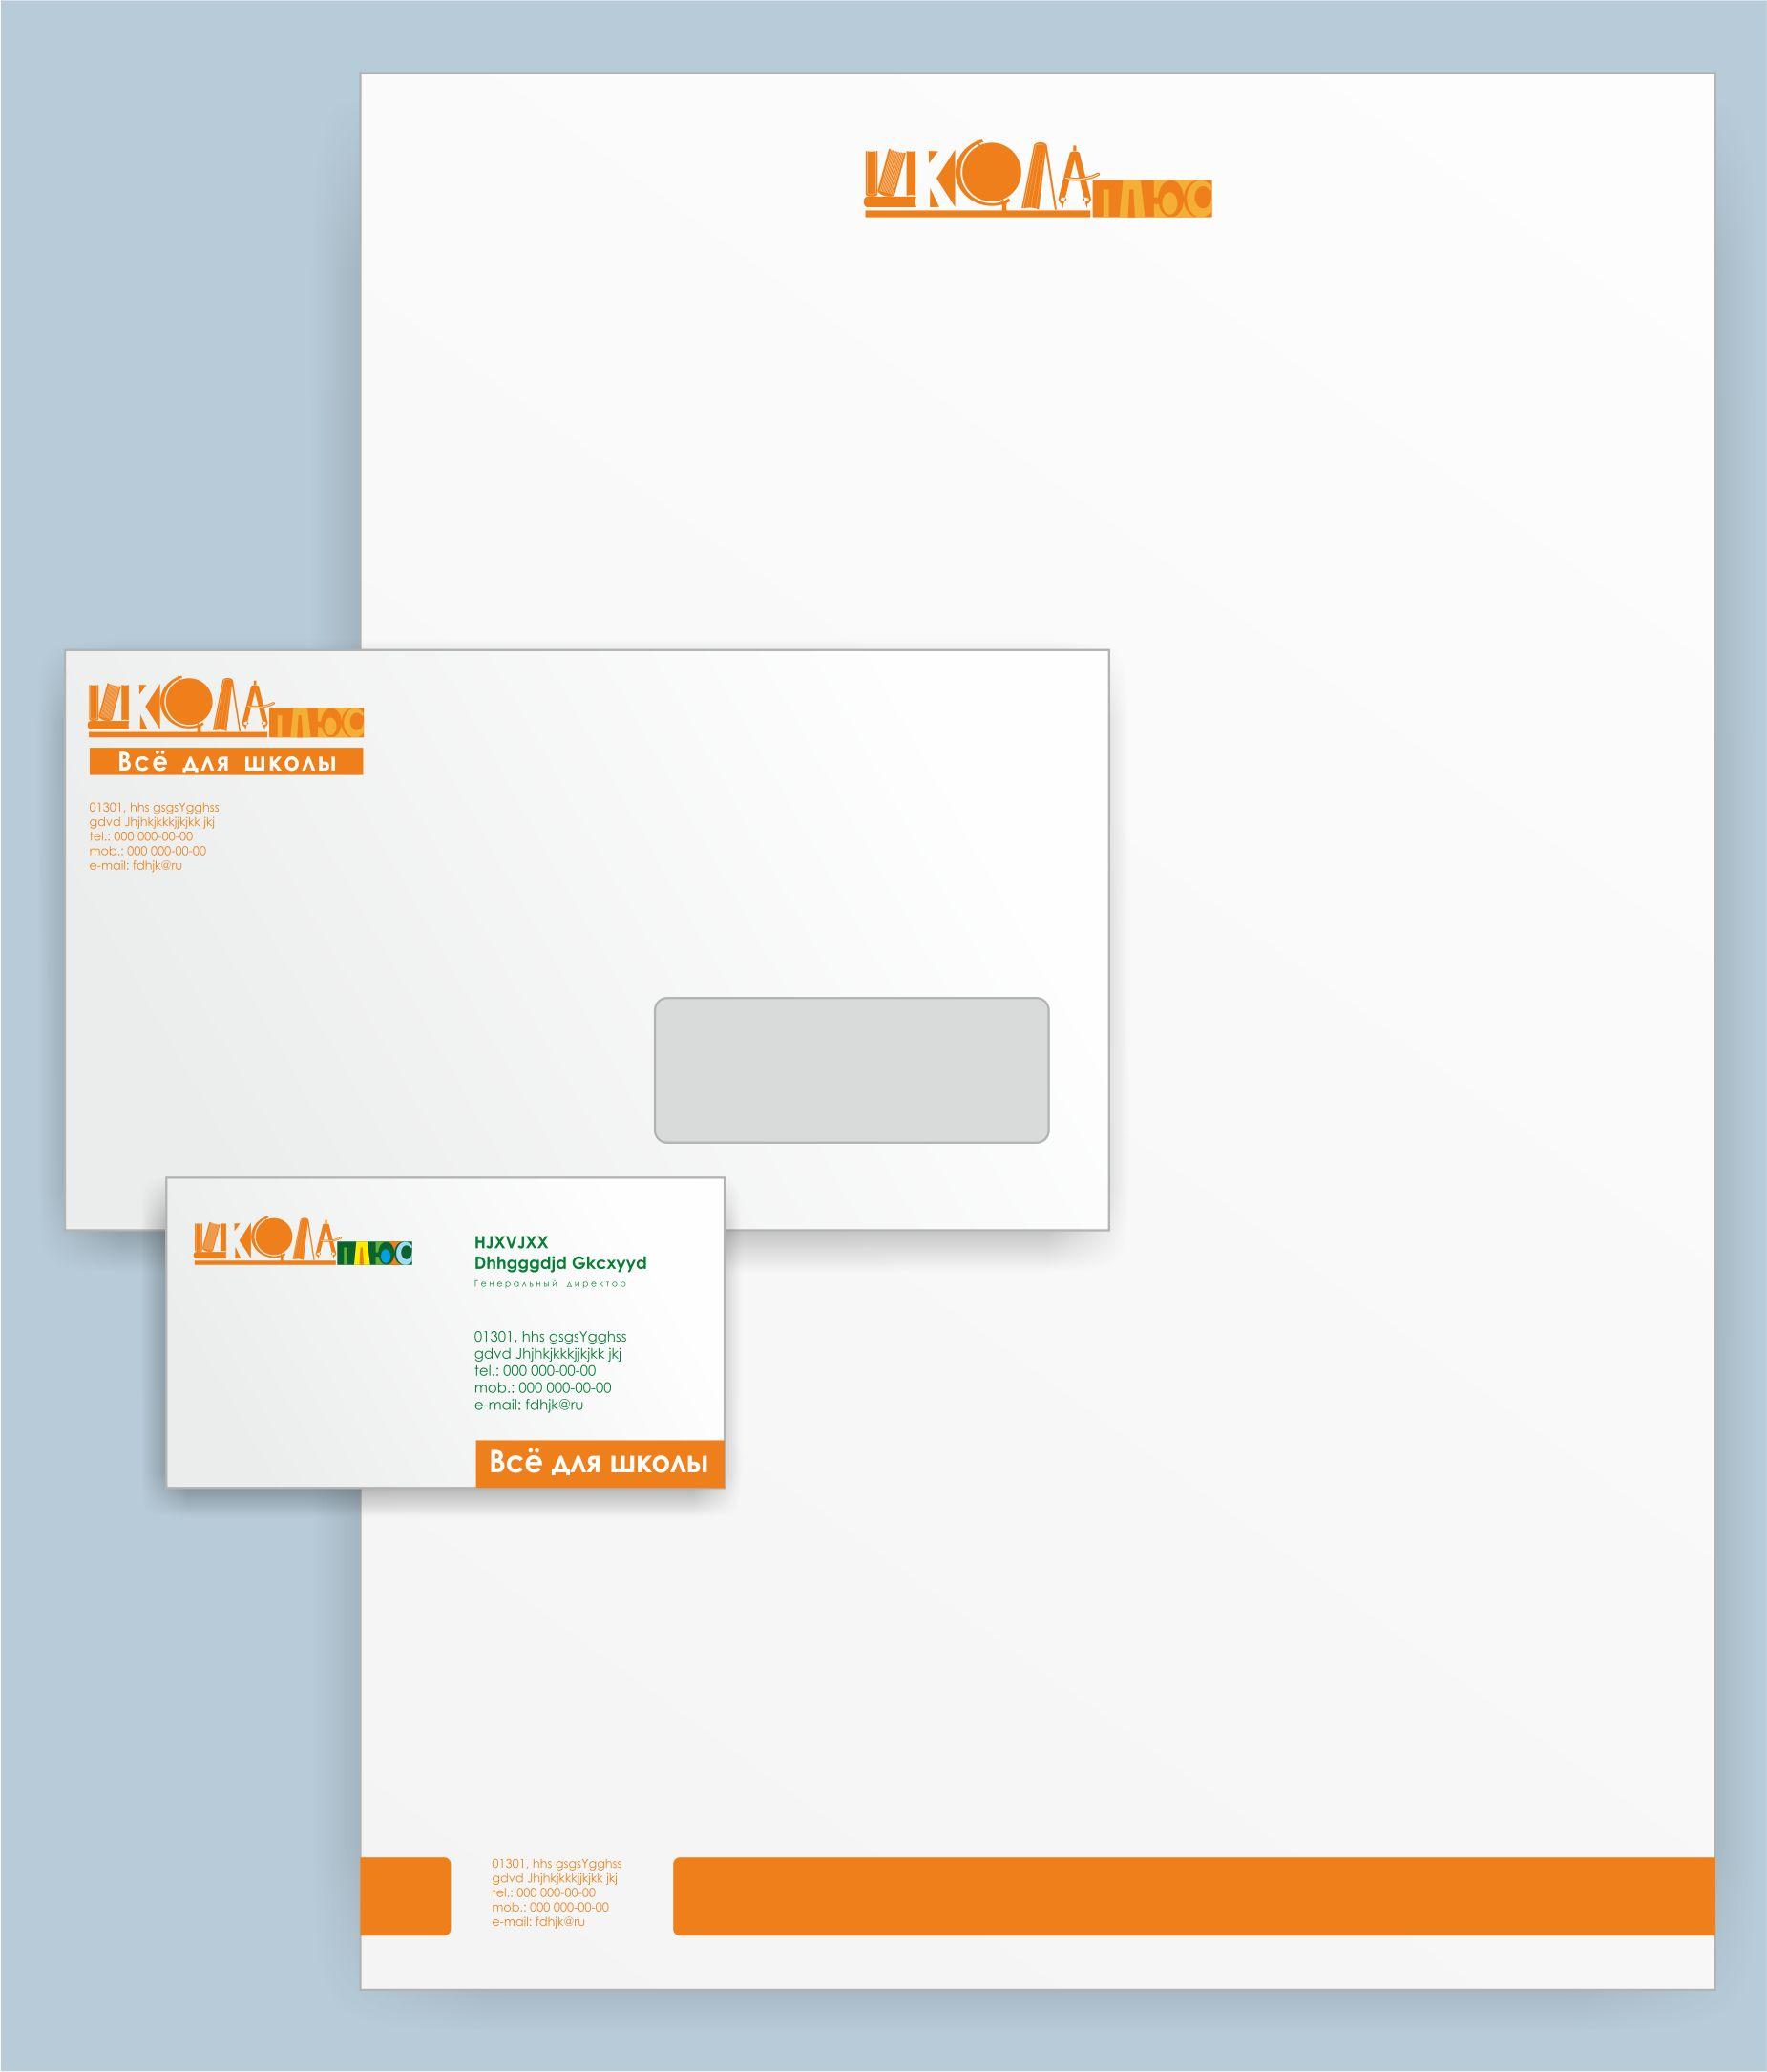 Разработка логотипа и пары элементов фирменного стиля фото f_4dadd4d17881e.jpg